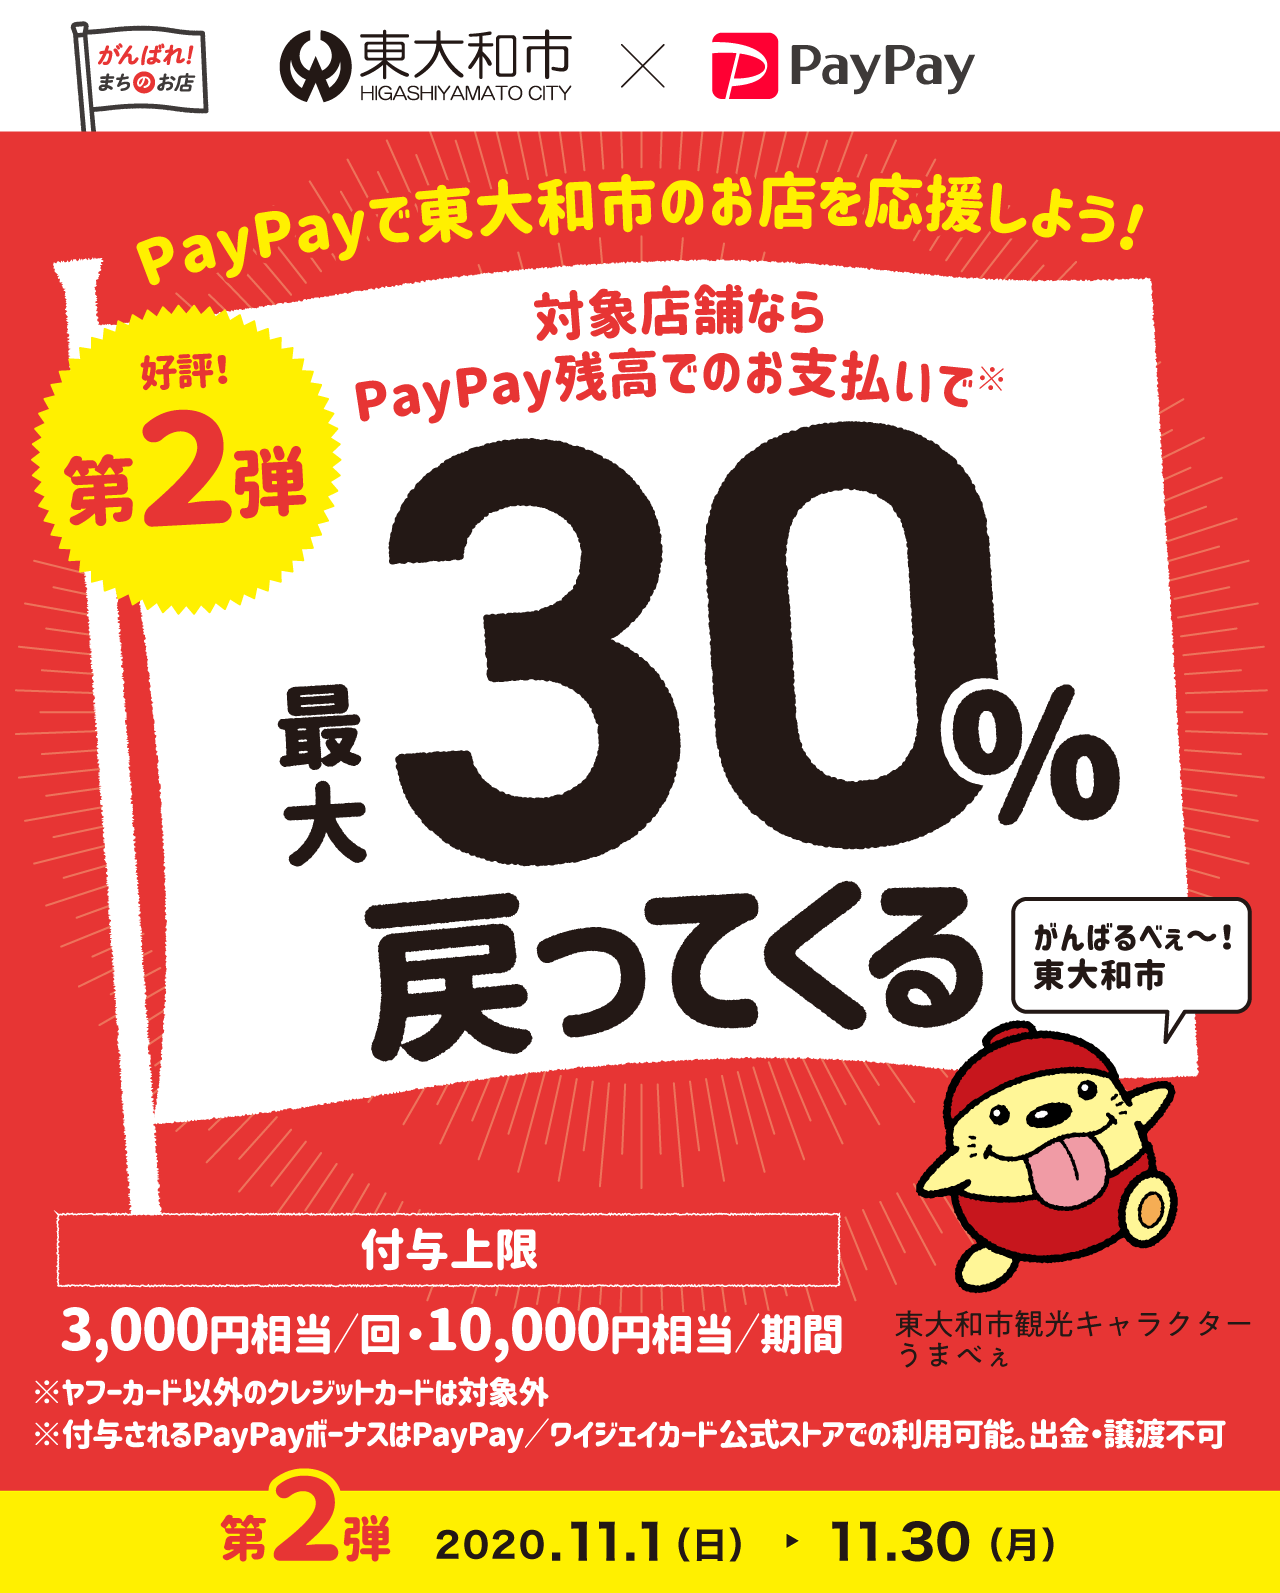 PayPayで東大和市のお店を応援しよう! 好評!第2弾 対象店舗ならPayPay残高でのお支払いで最大30%戻ってくる